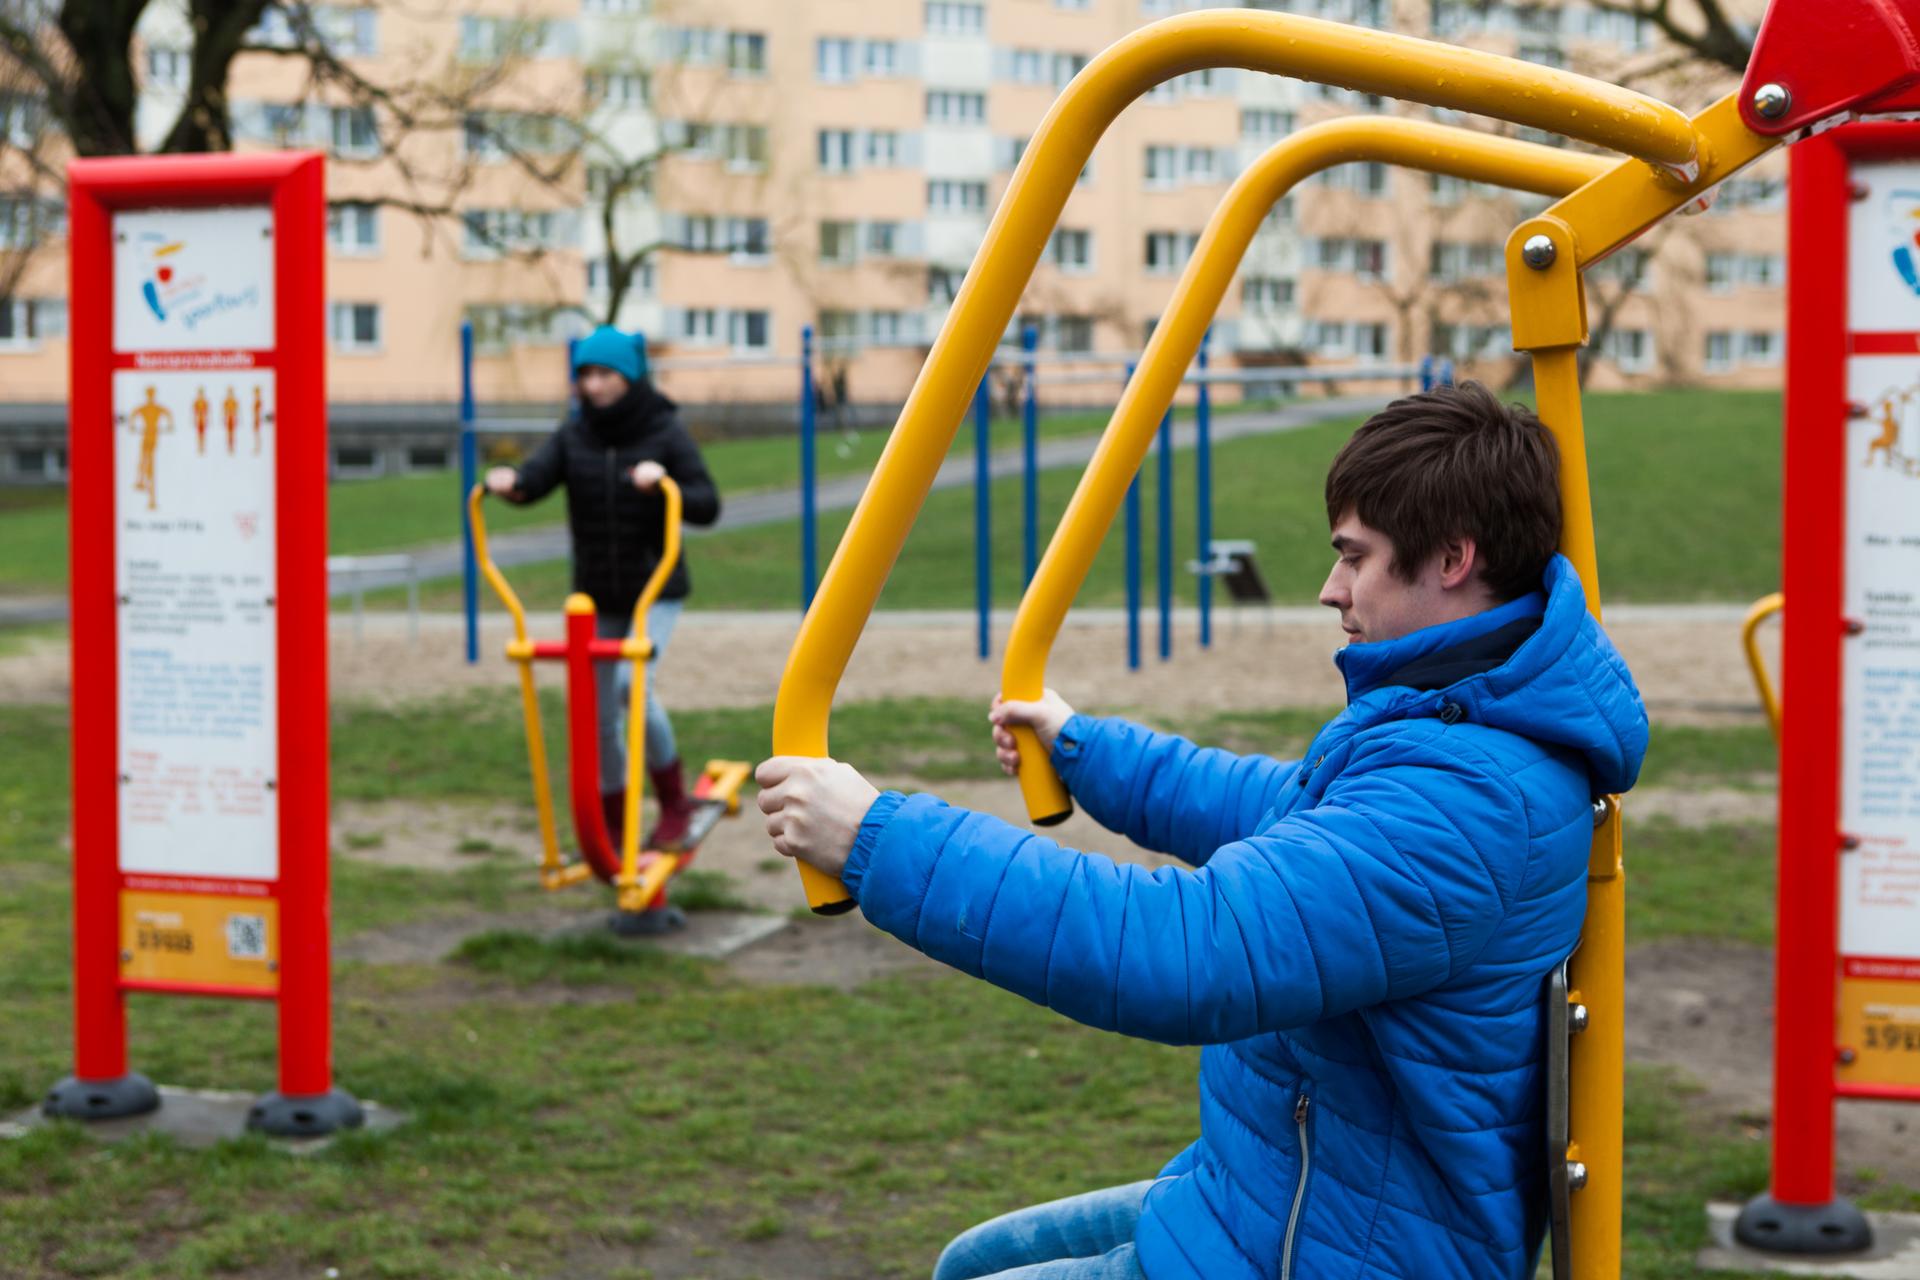 Fotografia przedstawia dwie osoby, ćwiczące na siłowni zewnętrznej przed blokiem. Zprawej mężczyzna wniebieskiej kurtce siedzi na urządzeniu, trzymając dwie żółte rury. Tablice wczerwonych metalowych ramach zawierają instrukcję ćwiczenia na przyrządach. Kobieta ztyłu wkurtce iniebieskiej czapce stoi na żółto – czerwonym steperze, trzymając jego rączki.